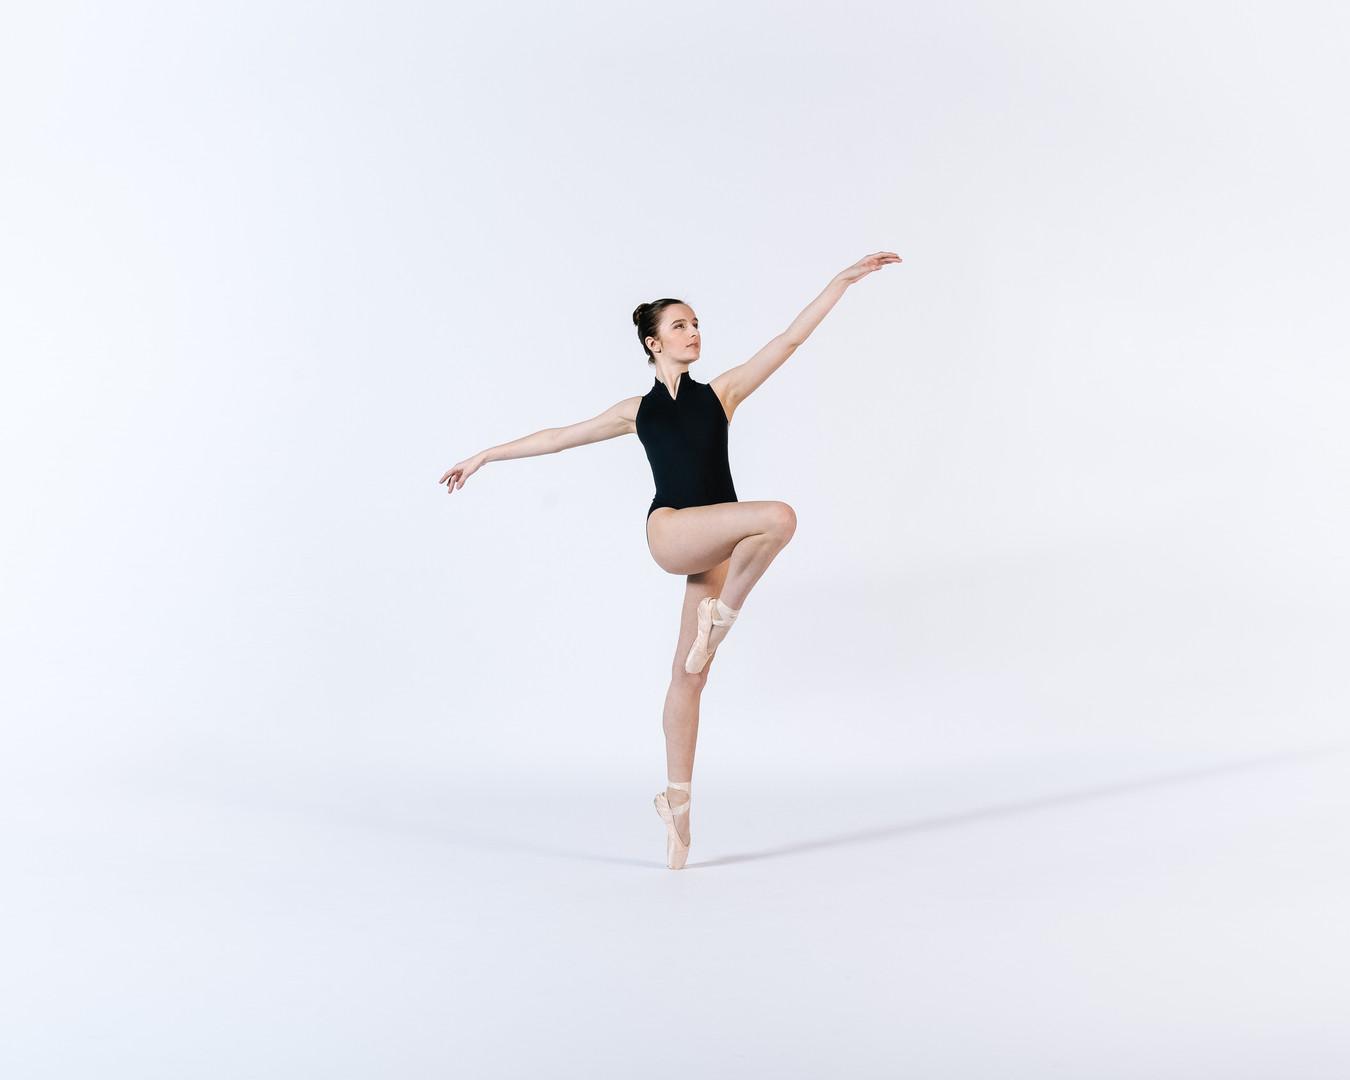 manchester-dance-photographer-2.jpg